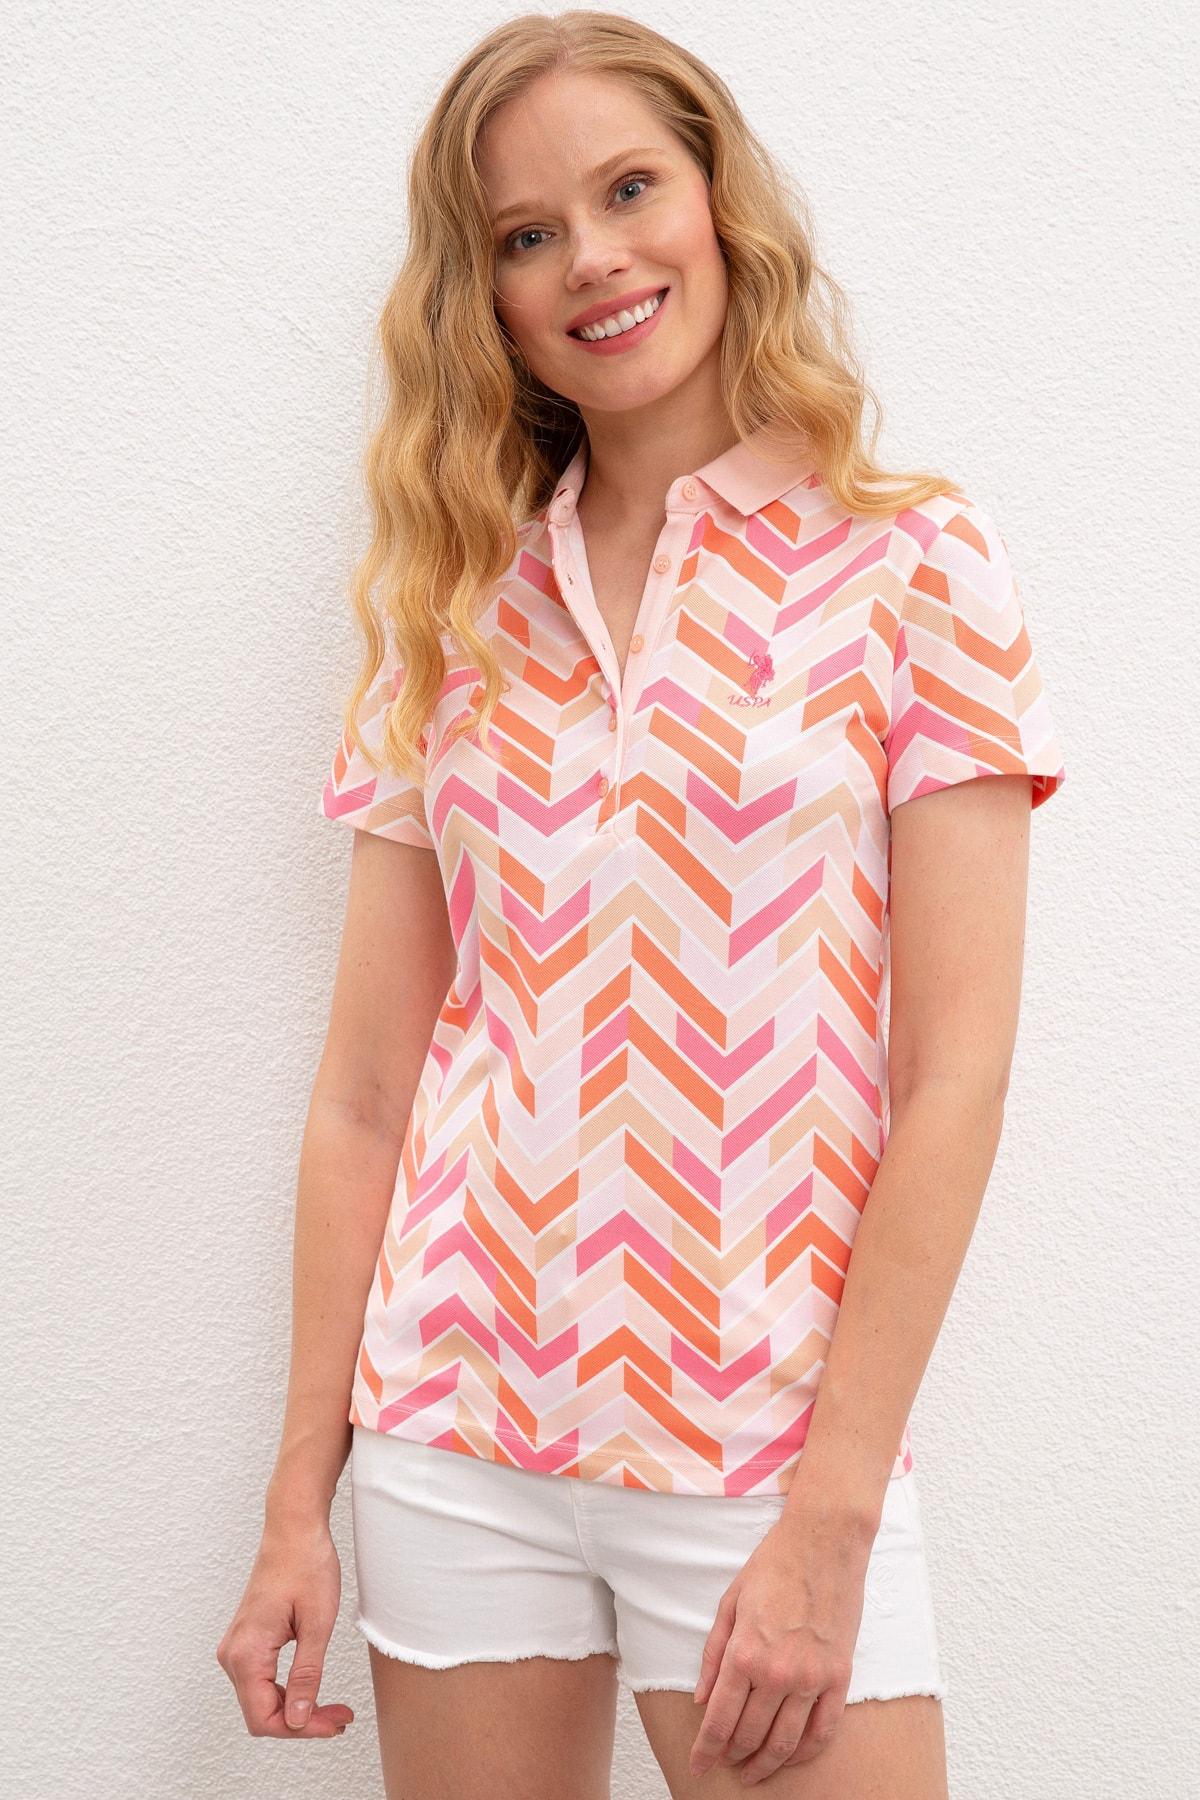 U.S. Polo Assn. Kadın T-Shirt G082GL011.000.964122 1